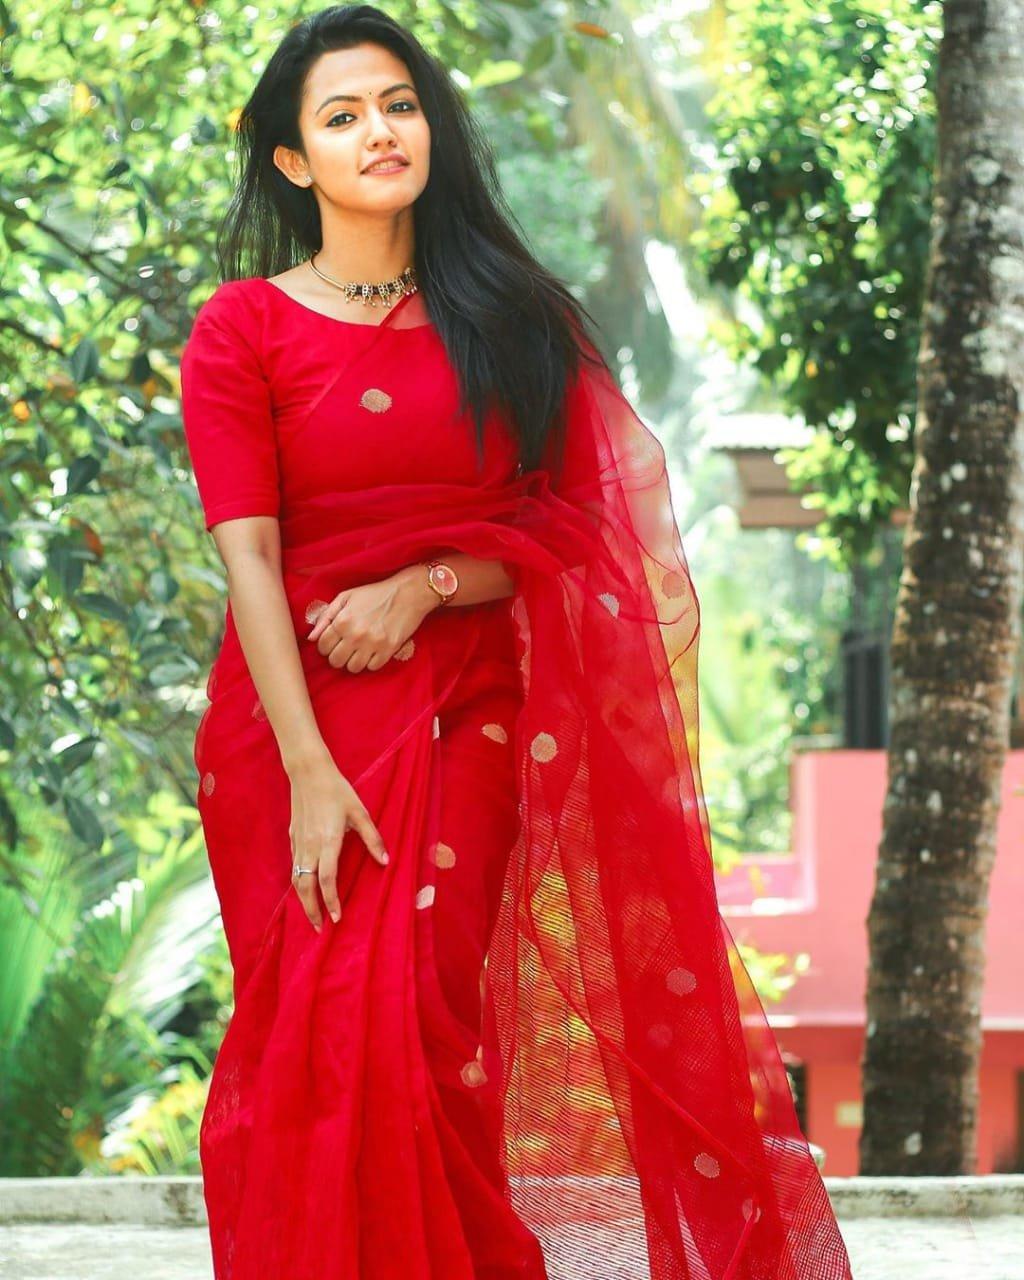 Manoharam-Heroine-Aparna-Das-In-Red-Saree